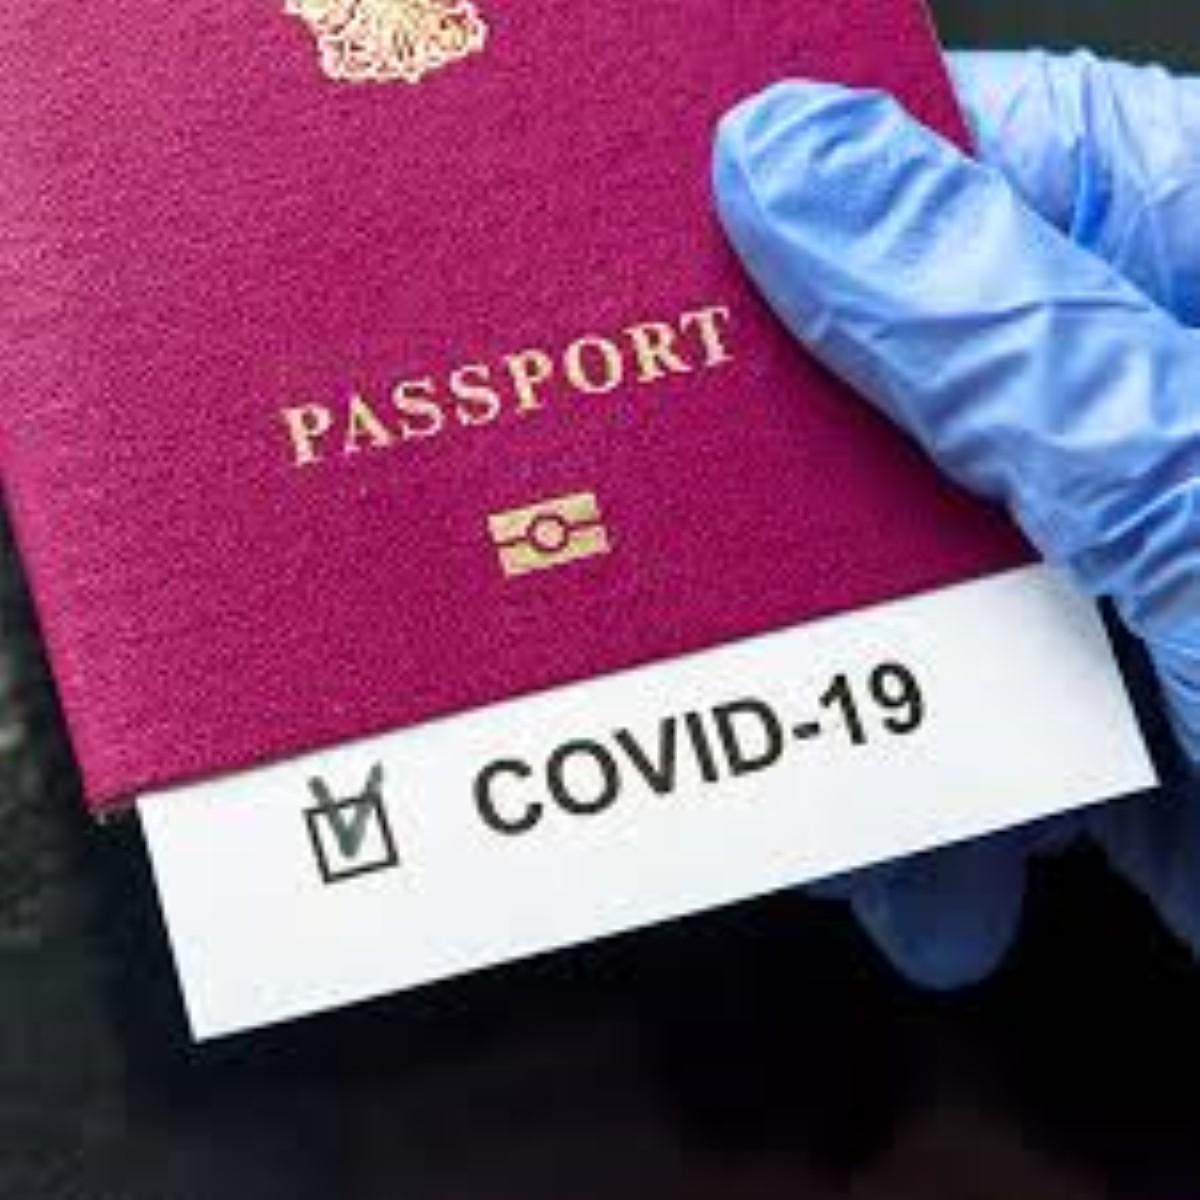 Le Covid pourrait avoir son passeport sanitaire numérique